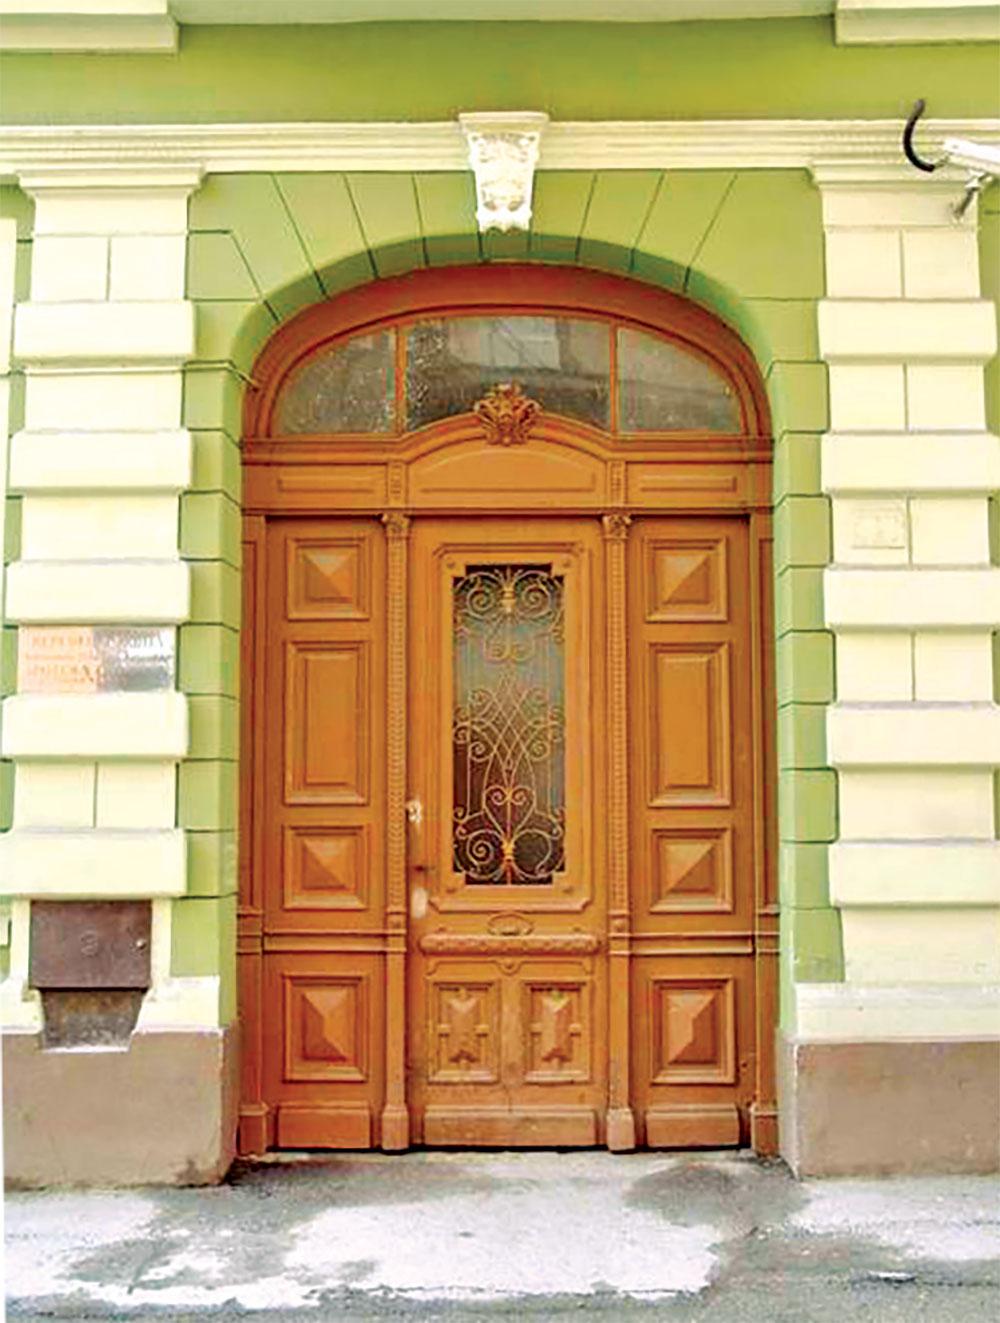 Pre bilo kakvih radova na vratima, potrebno je ukloniti sve metalne delove i šarke, i zameniti ih novima